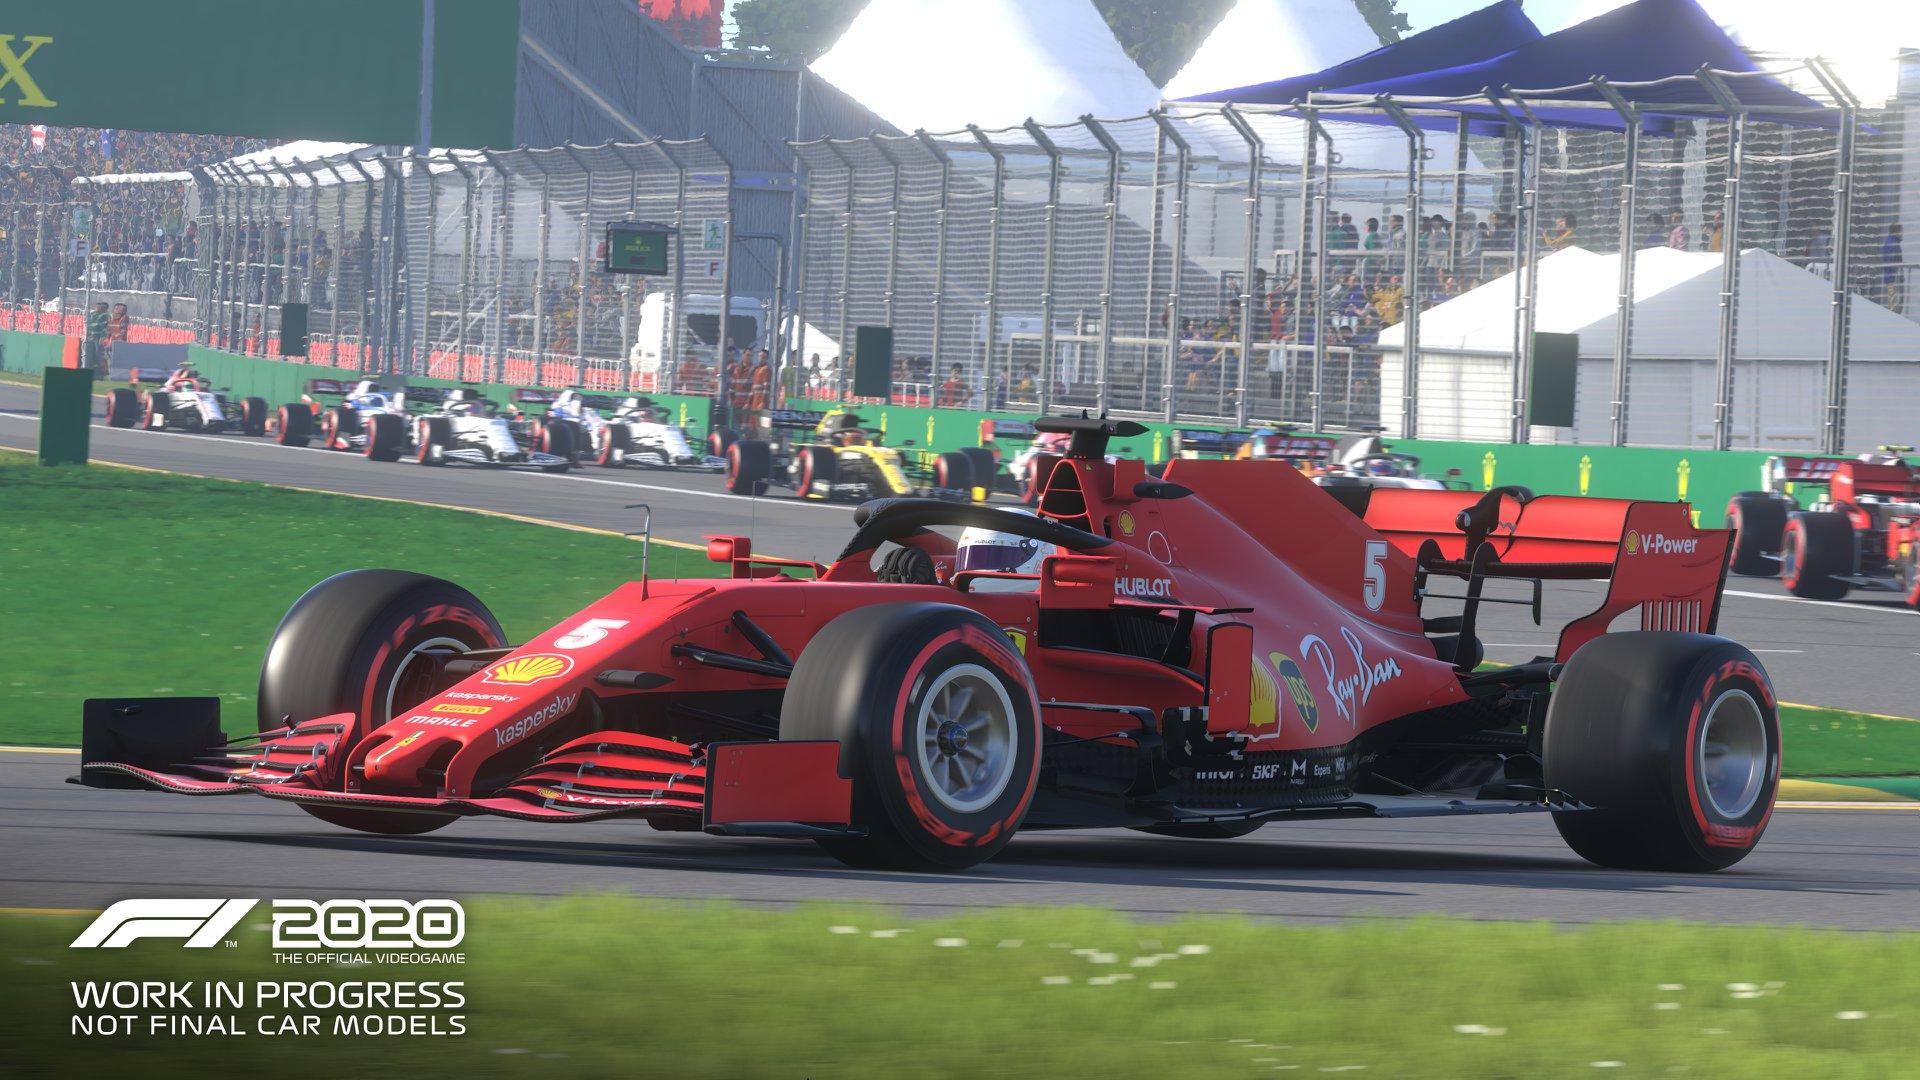 F1 2020 2.jpg